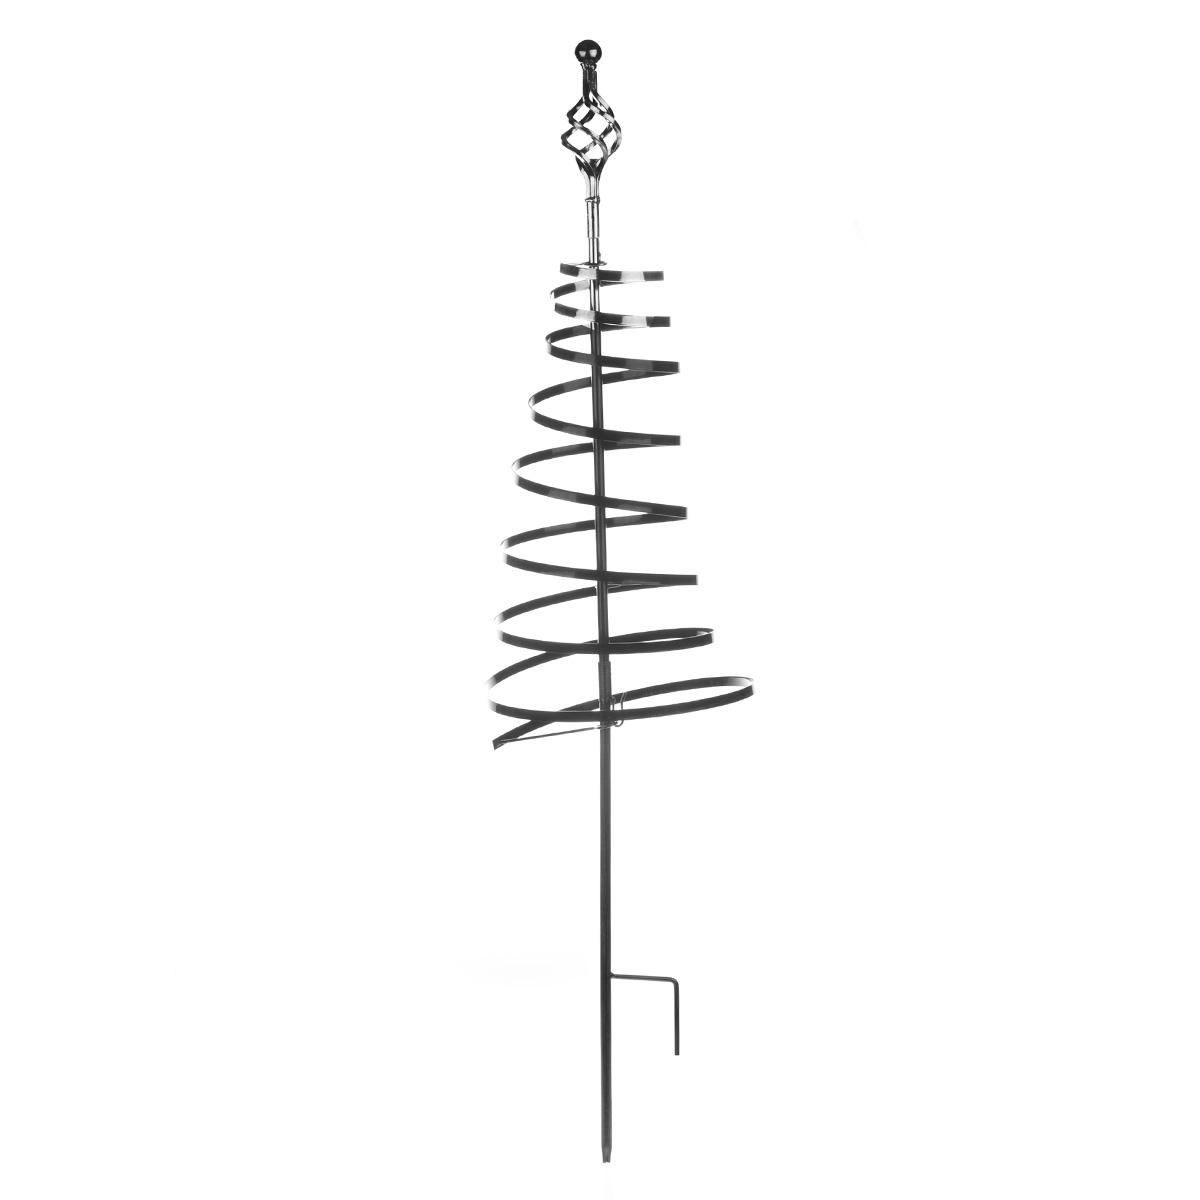 Спиральная поддержка Green Apple GTSQNN, 50 смSFB036003Опора-спираль используется для поддержки как садовых, так и комнатных растений. Благодаря своей спиралевидной форме опора обеспечивает поддержку без подвязывания растения.